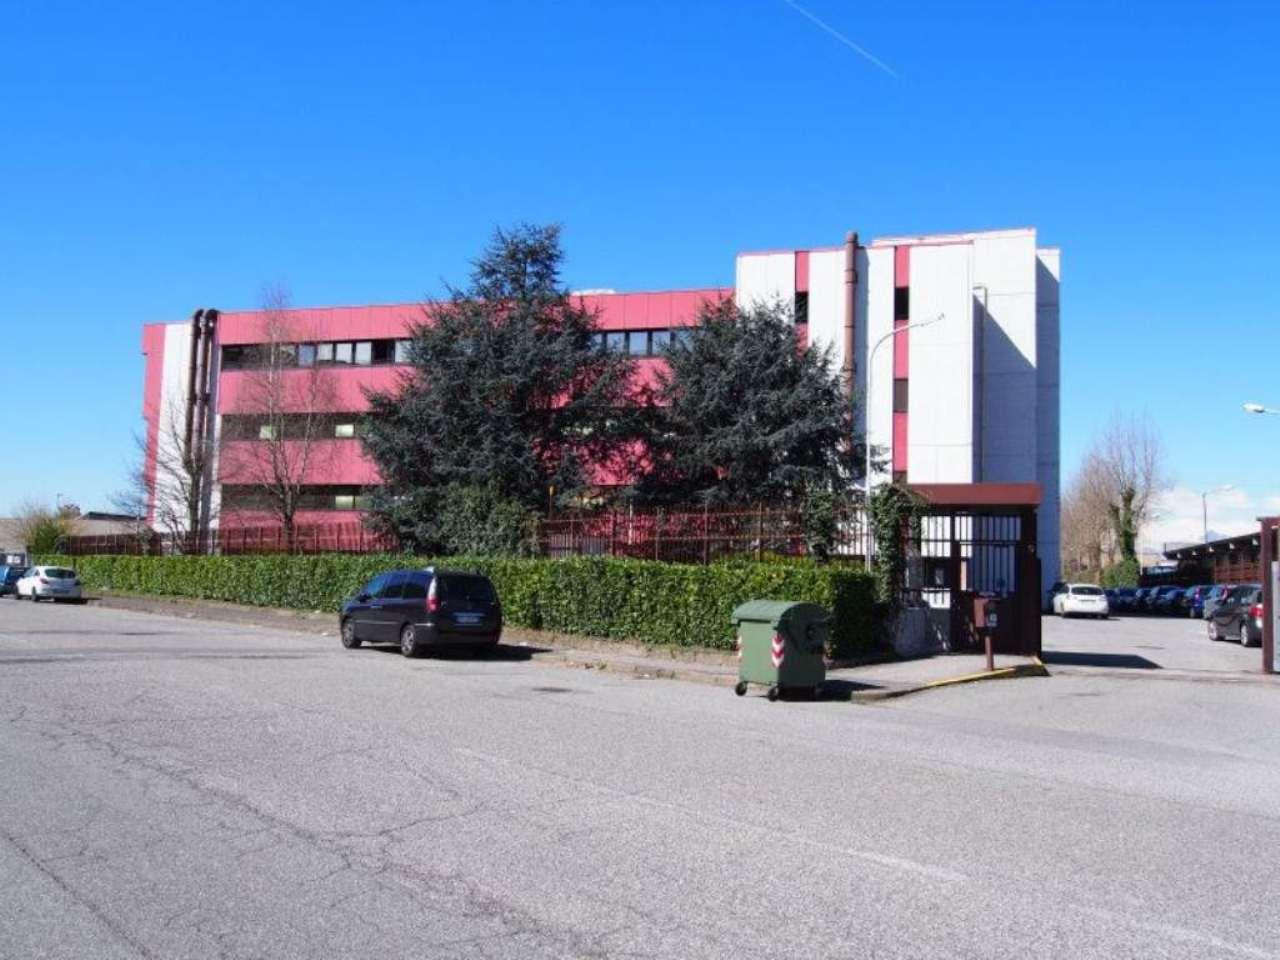 Immobile Commerciale in affitto a San Mauro Torinese, 30 locali, prezzo € 21.876 | PortaleAgenzieImmobiliari.it